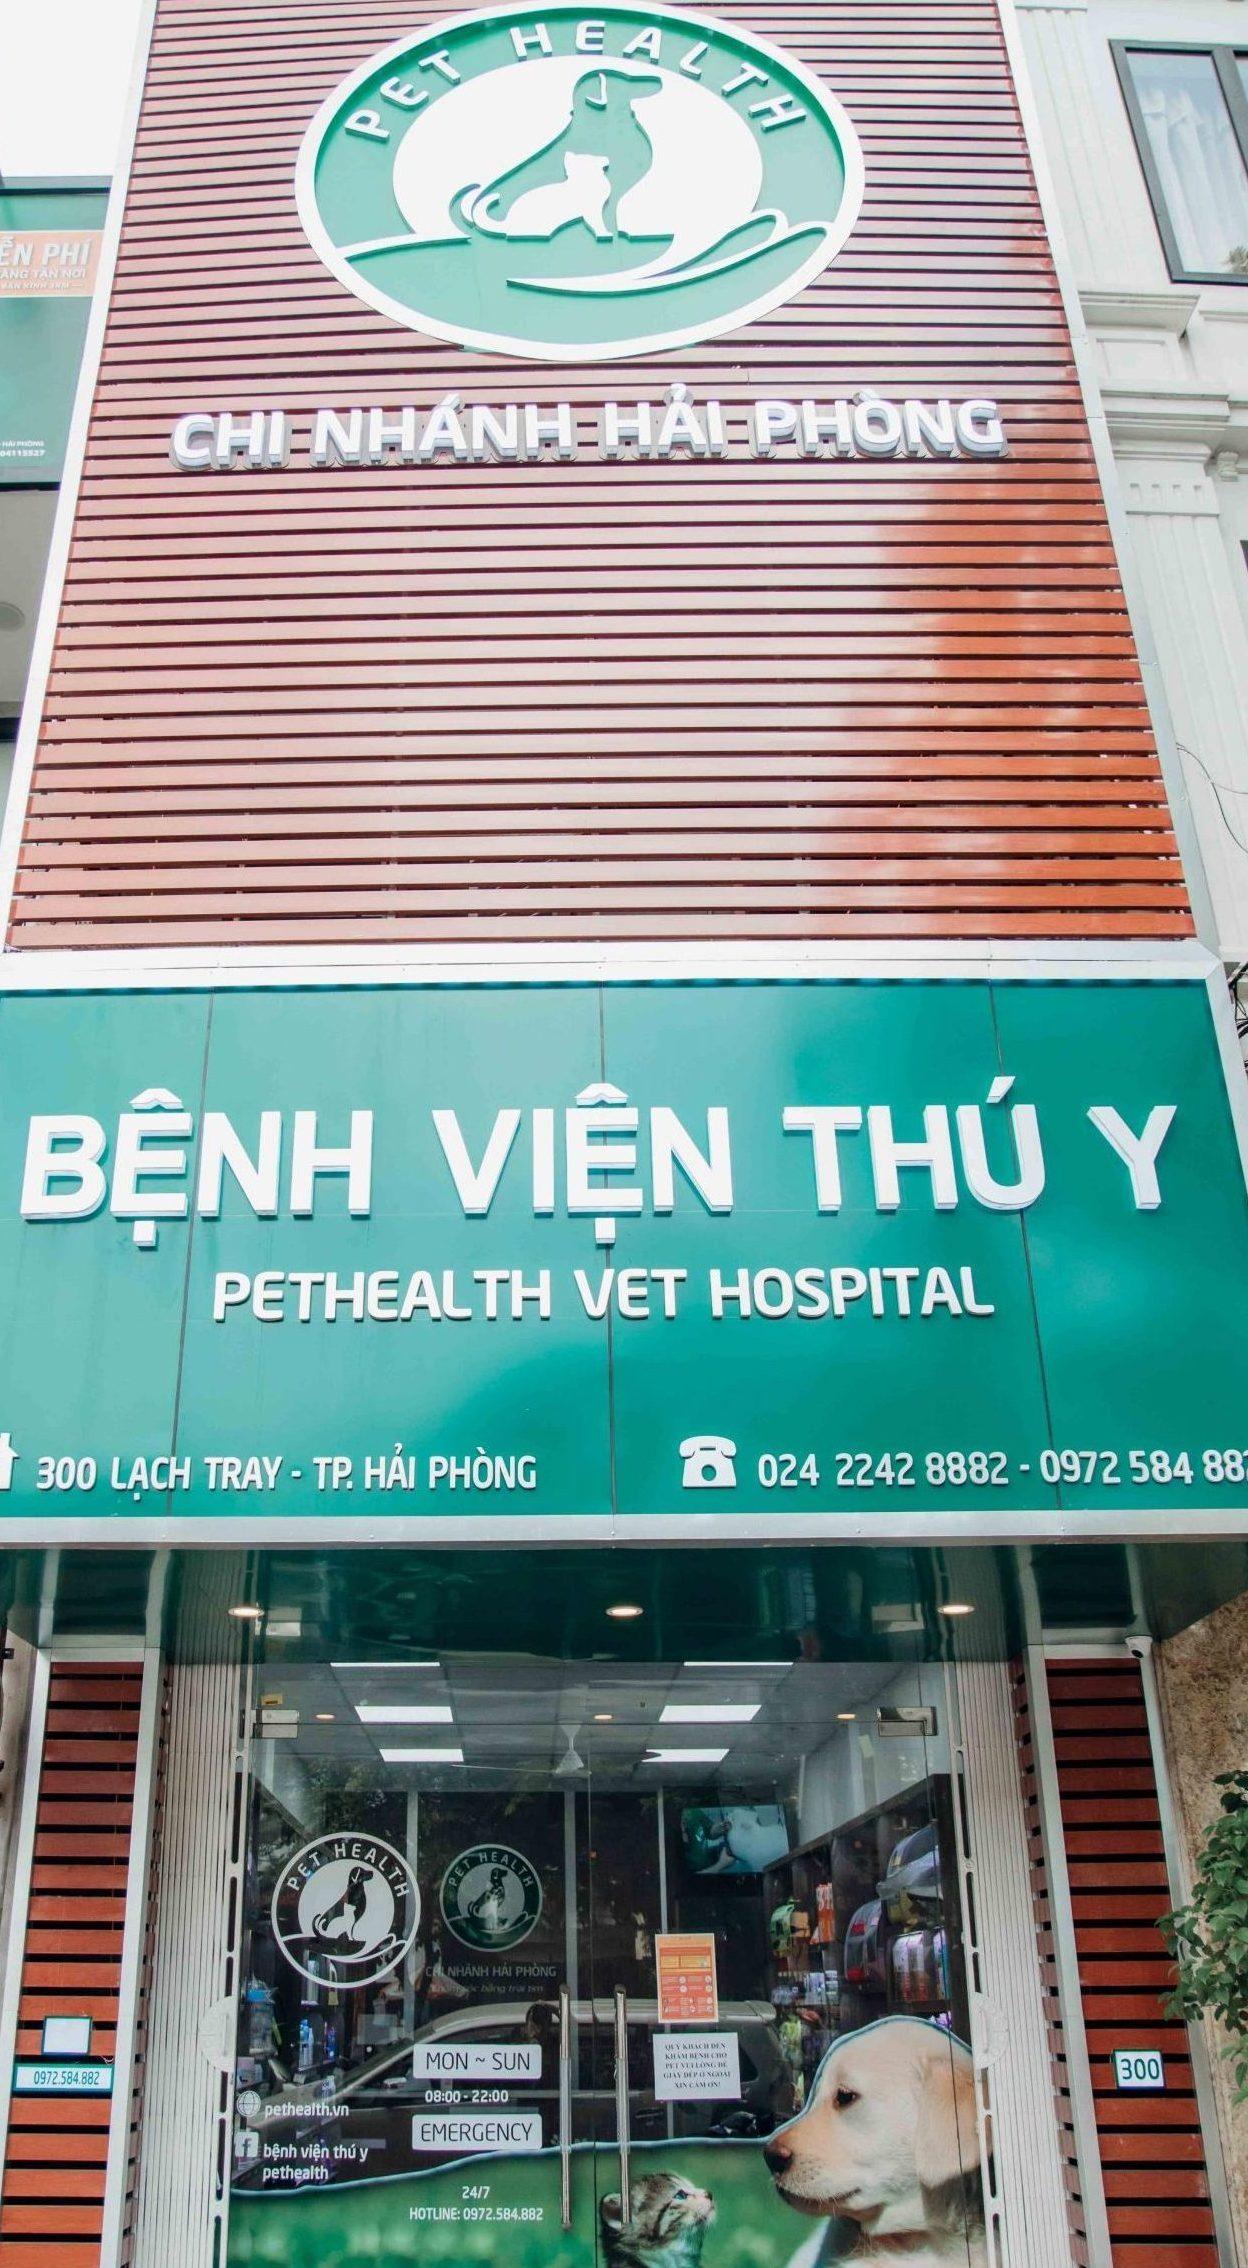 Chụp ảnh bệnh viện thú y PetHealth Hải Phòng